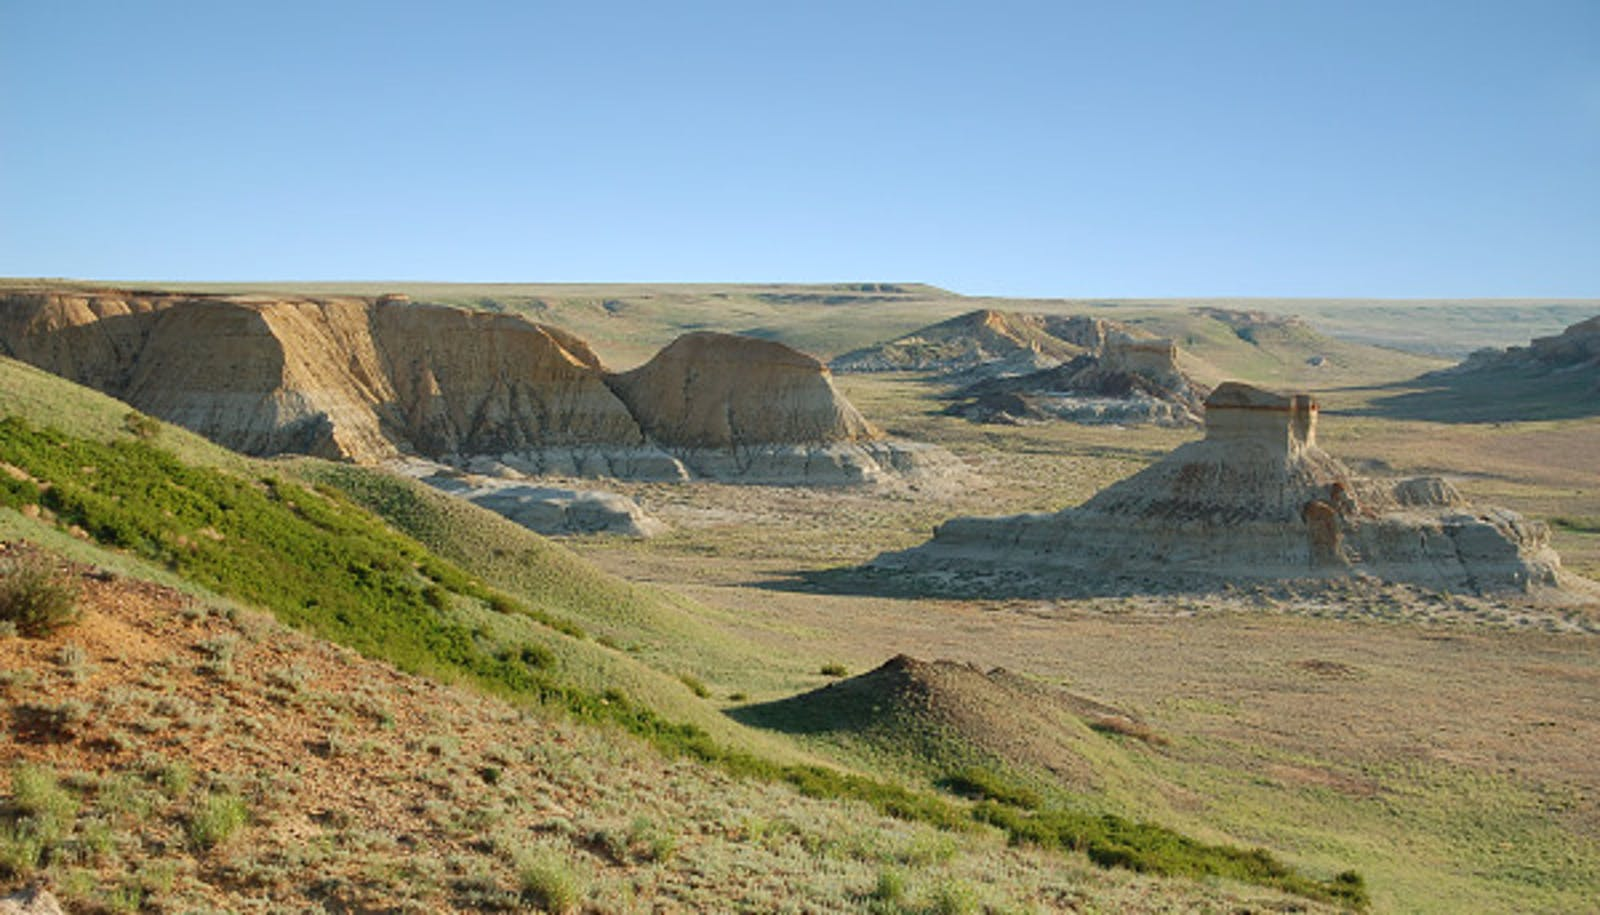 Kazakh Semi-Desert